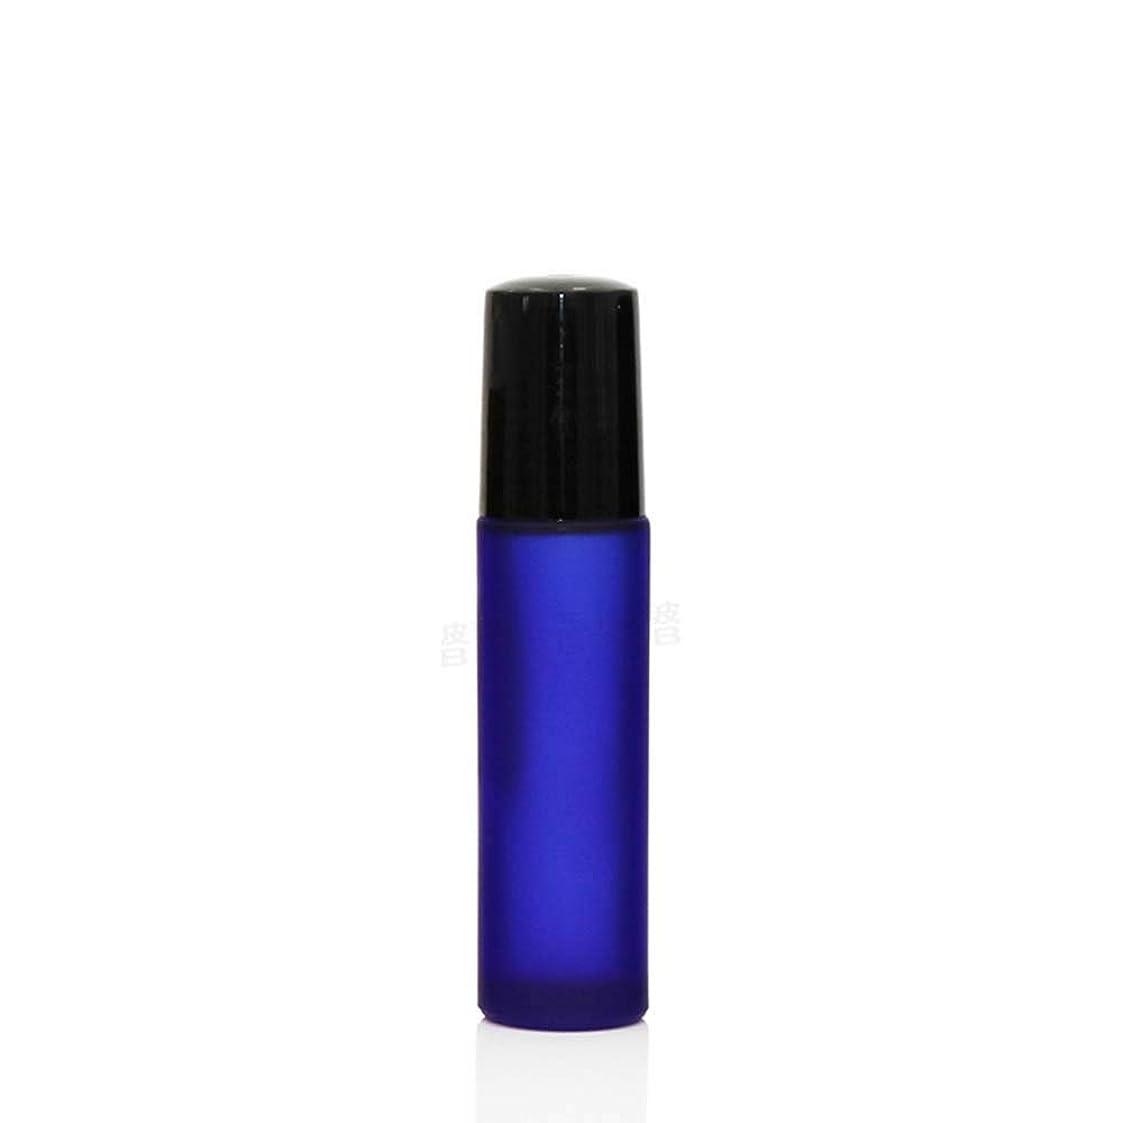 敬な交流するマイルストーンSimg ロールオンボトル アロマオイル 精油 小分け用 遮光瓶 10ml 10本セット ガラスロールタイプ (ブルー)